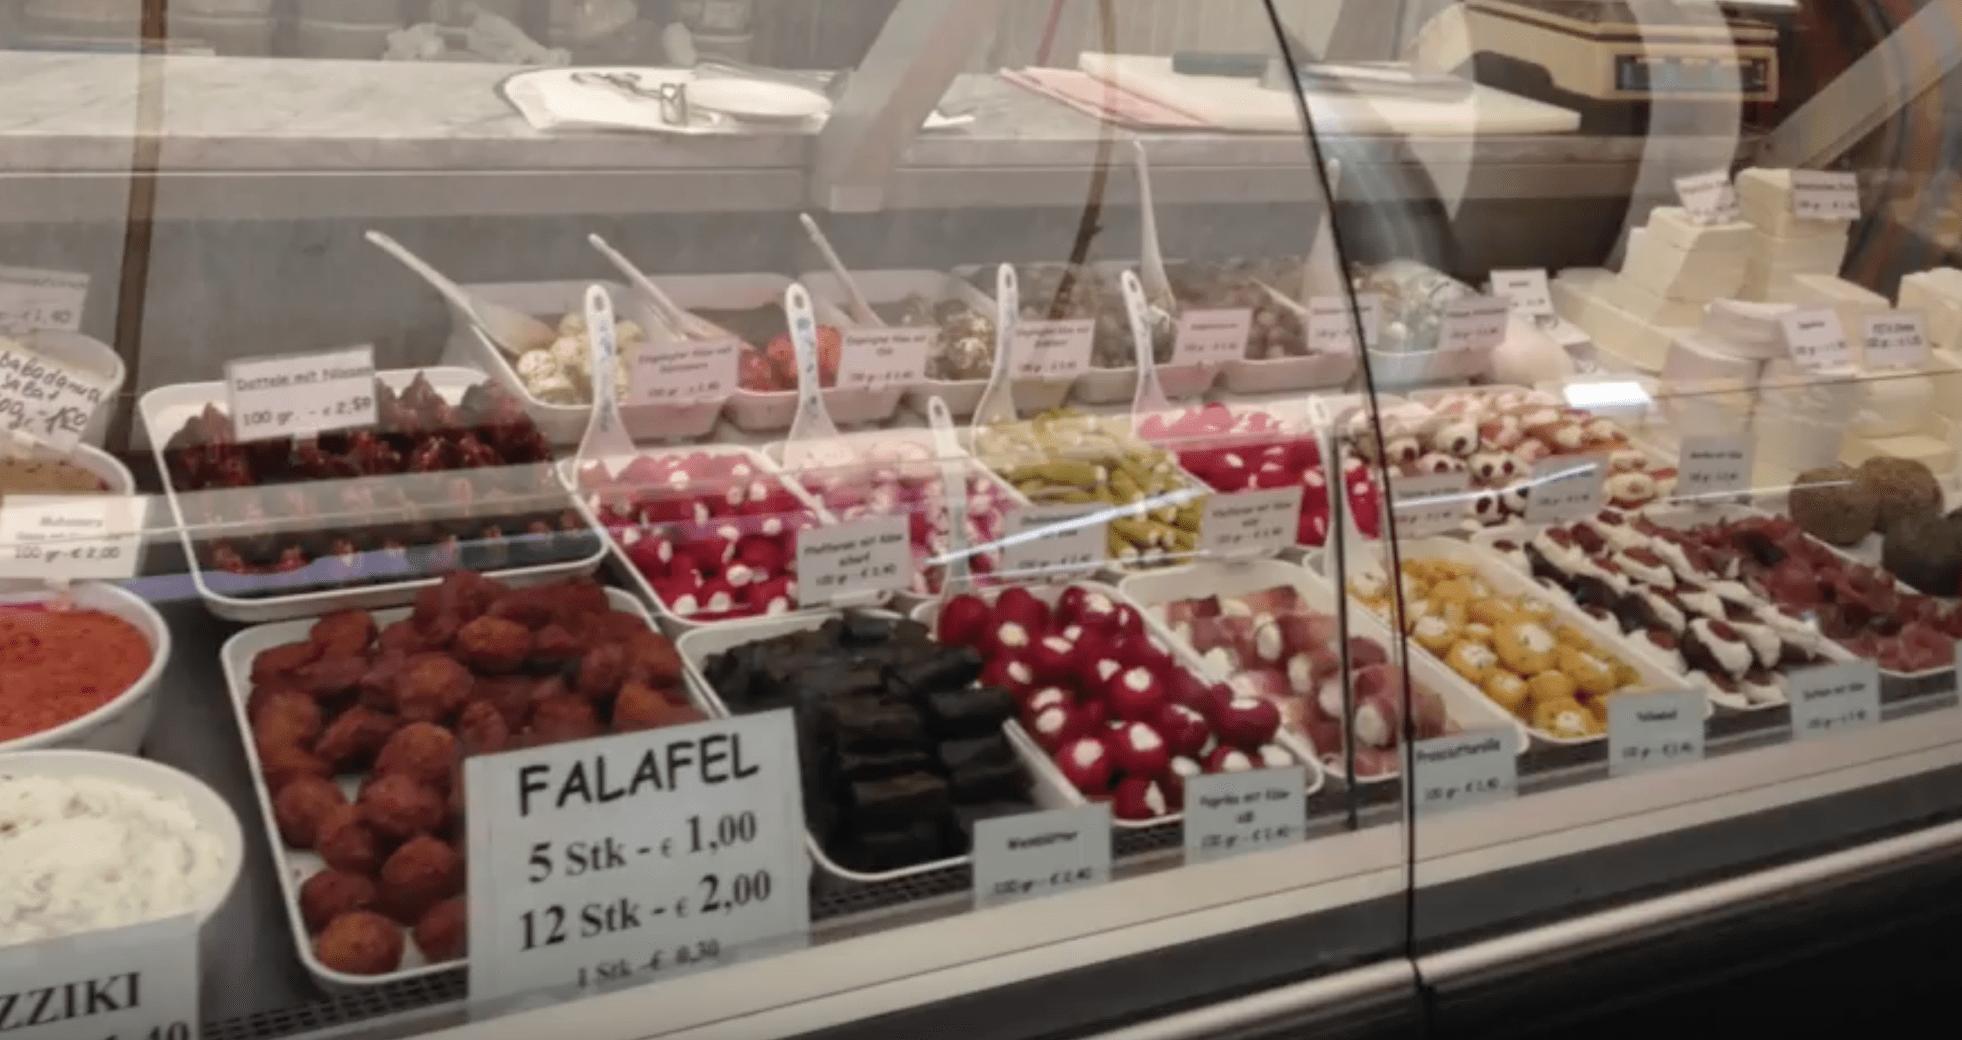 deli food display